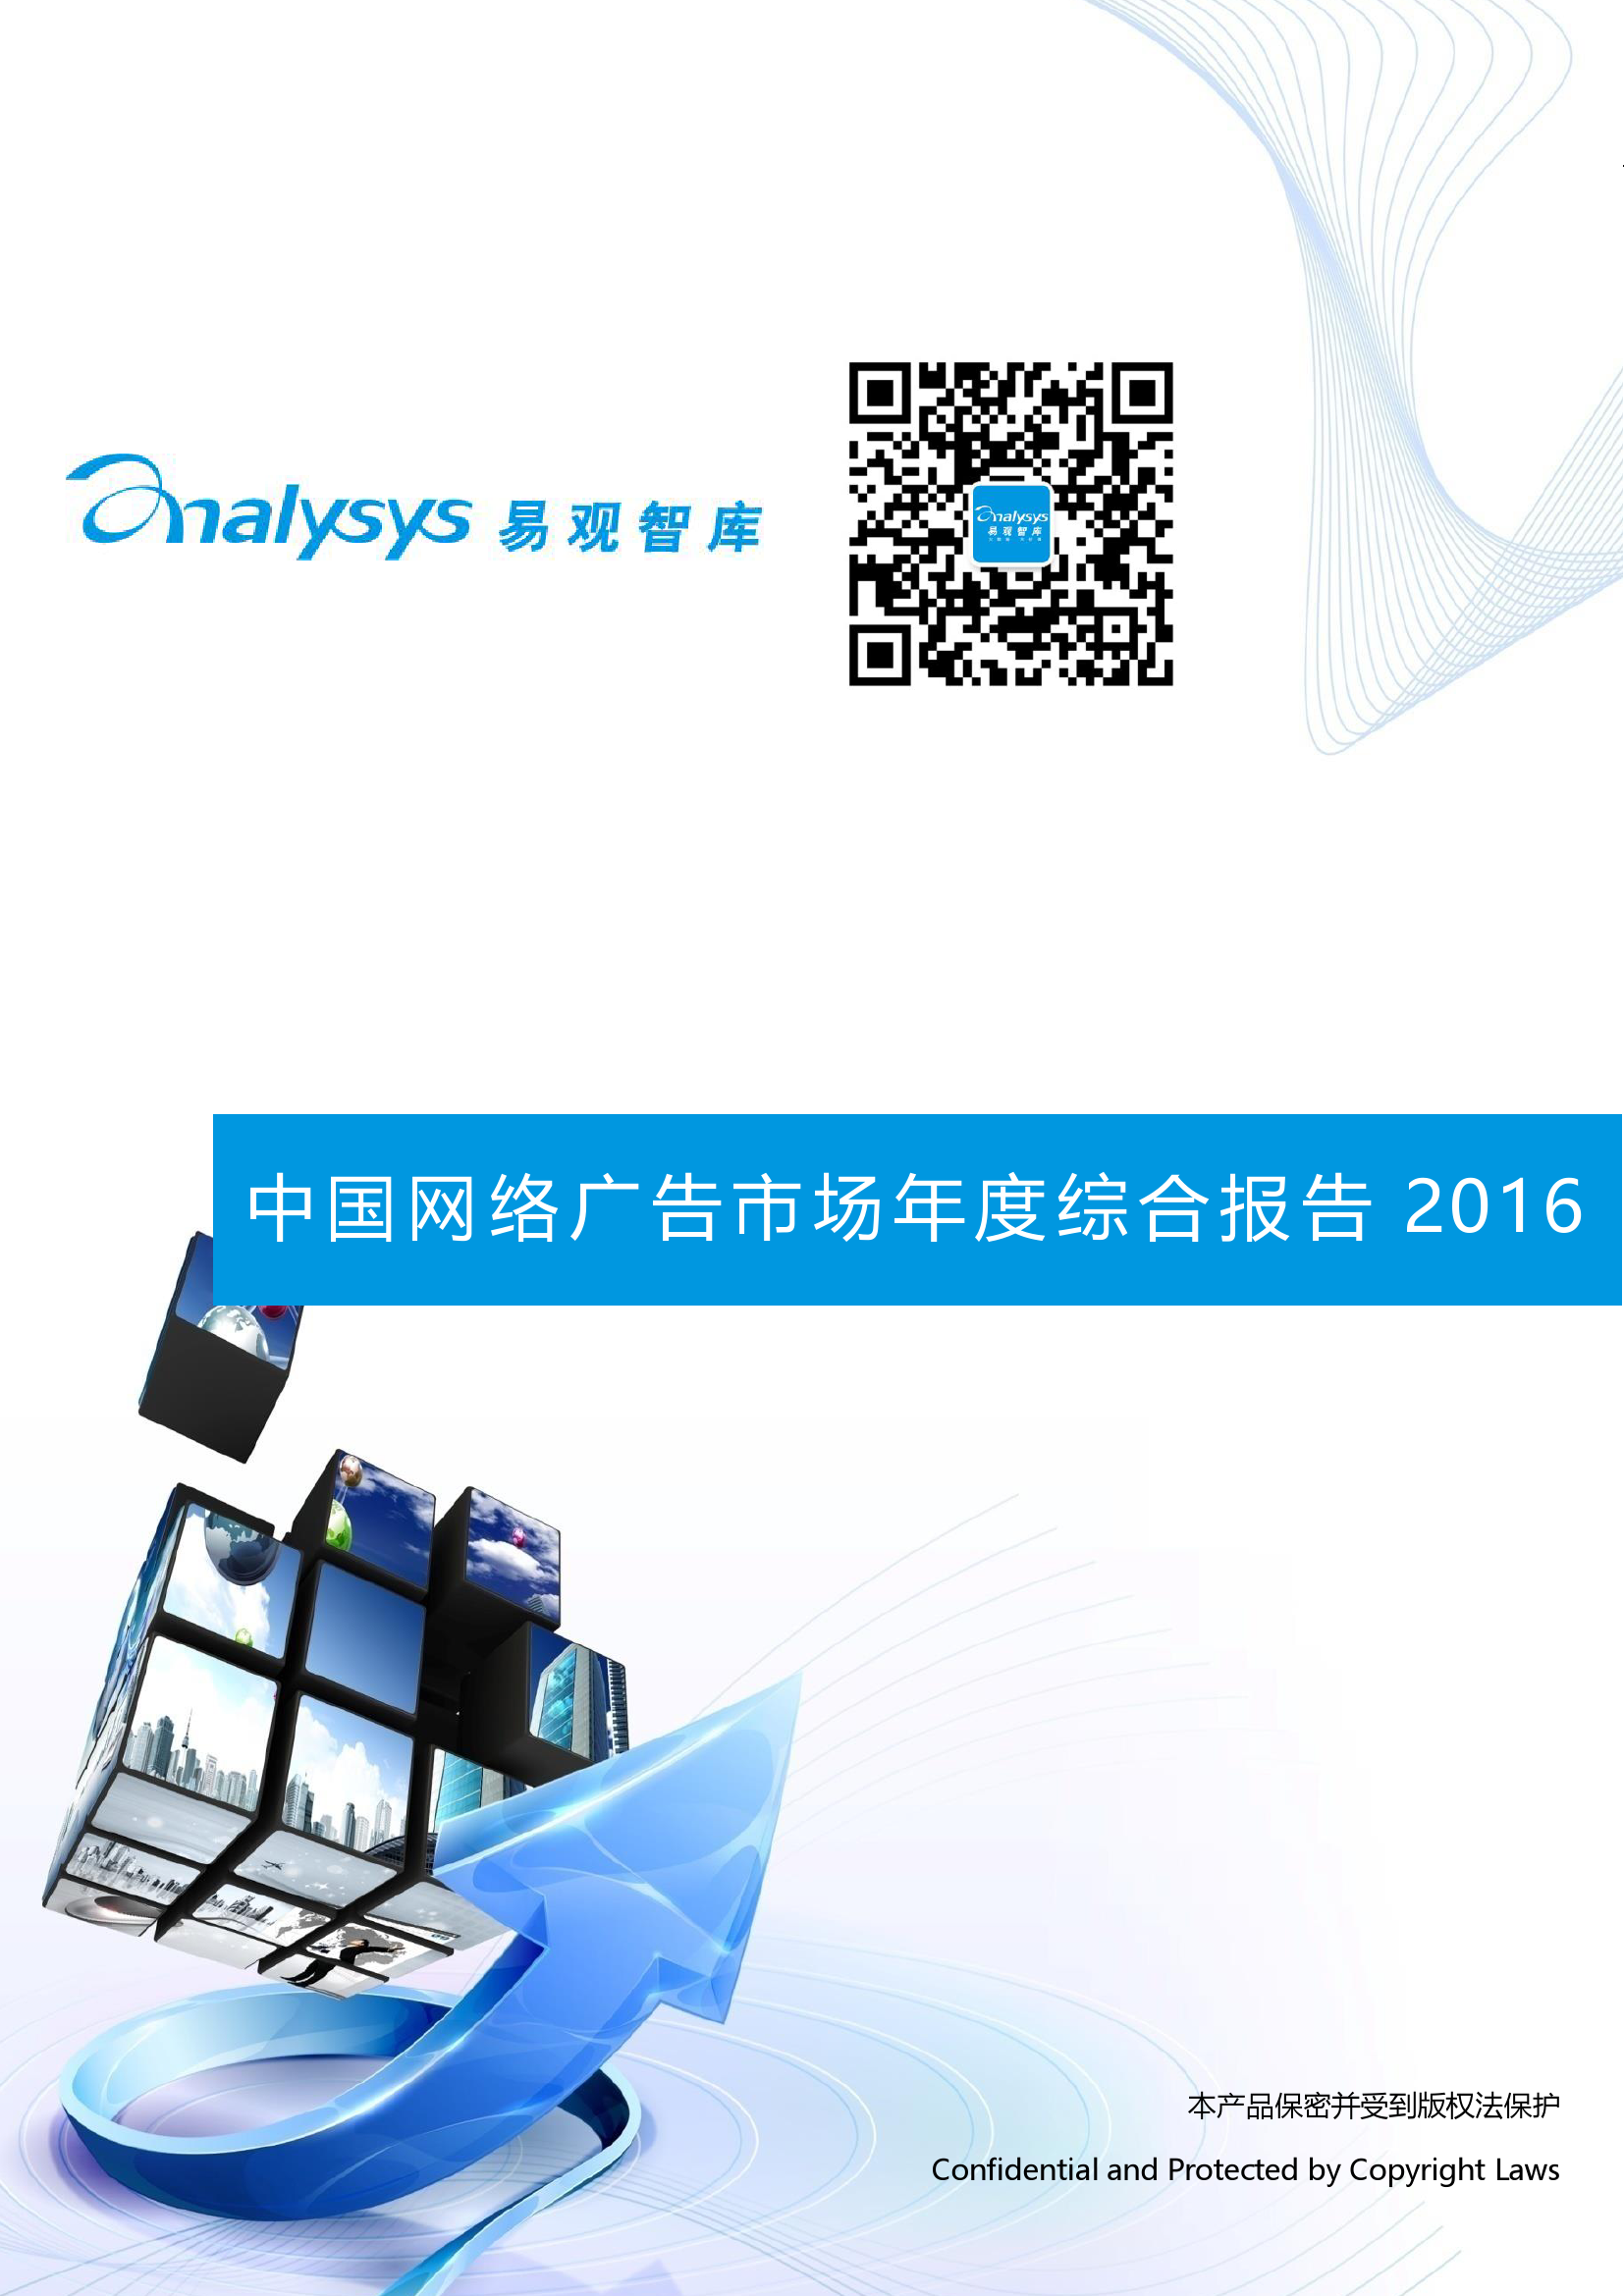 中国网络广告市场年度综合报告2016_000001